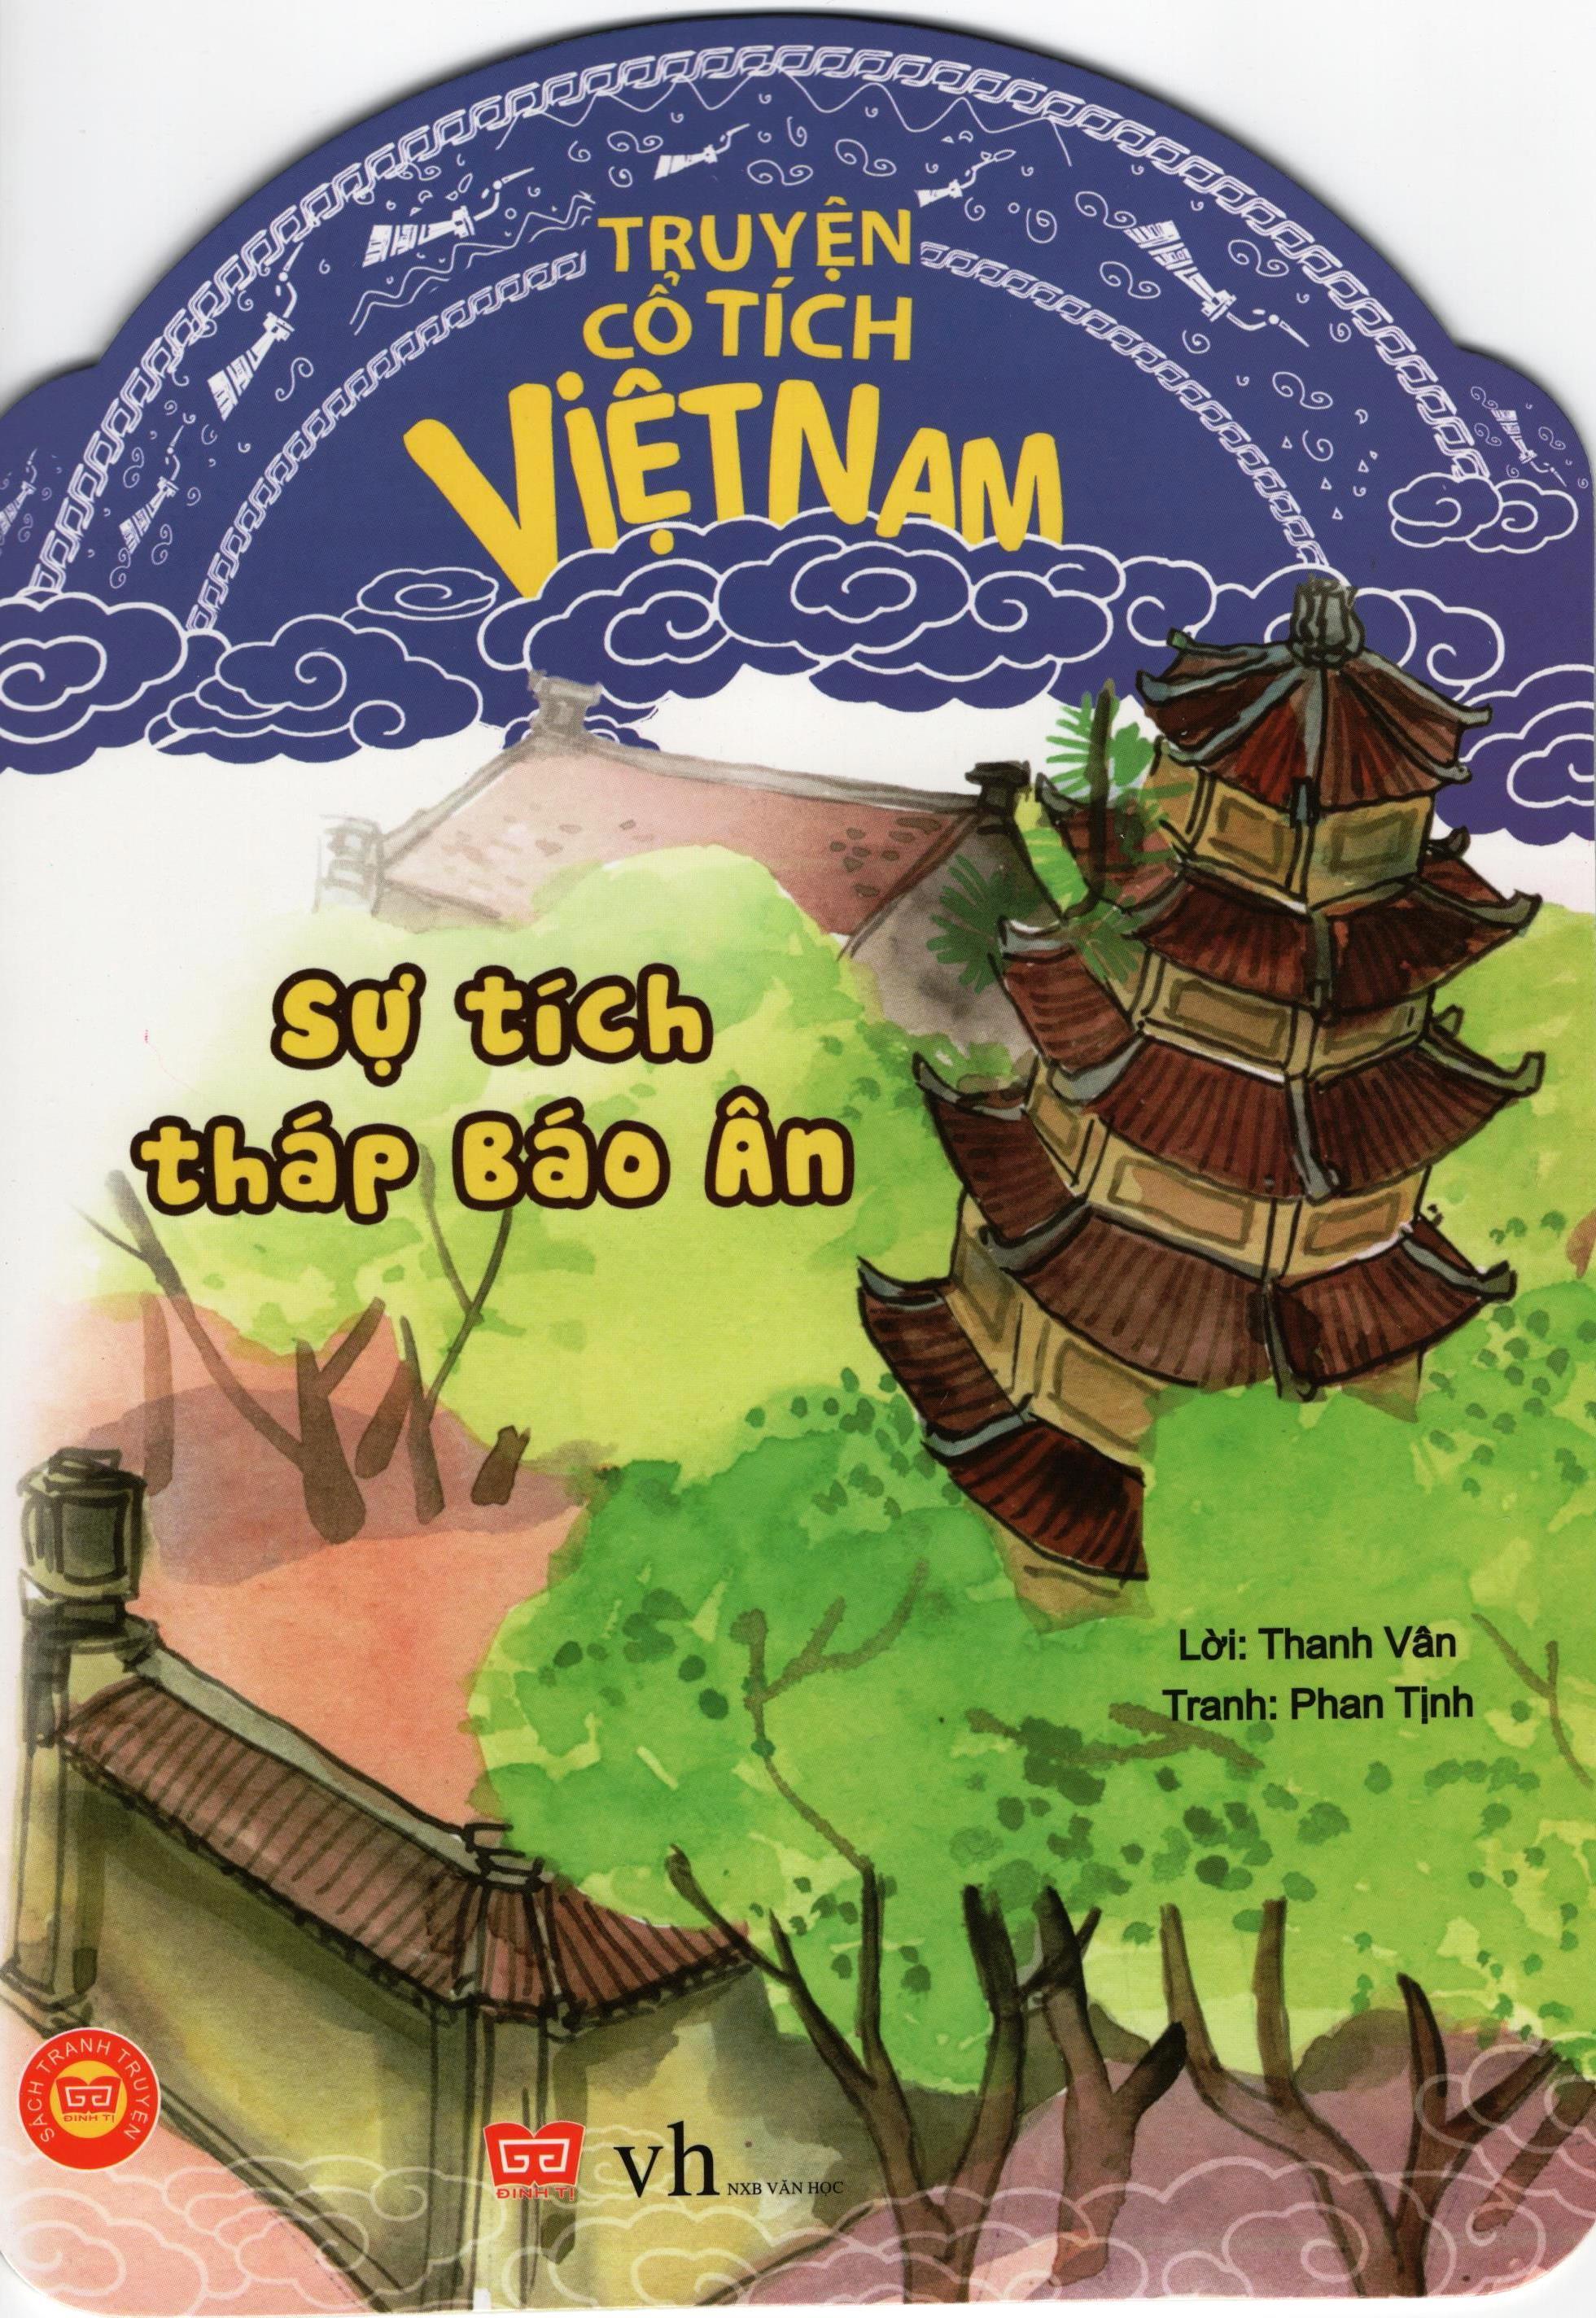 Bìa sách Truyện Cổ Tích Việt Nam - Sự Tích Tháp Báo Ân